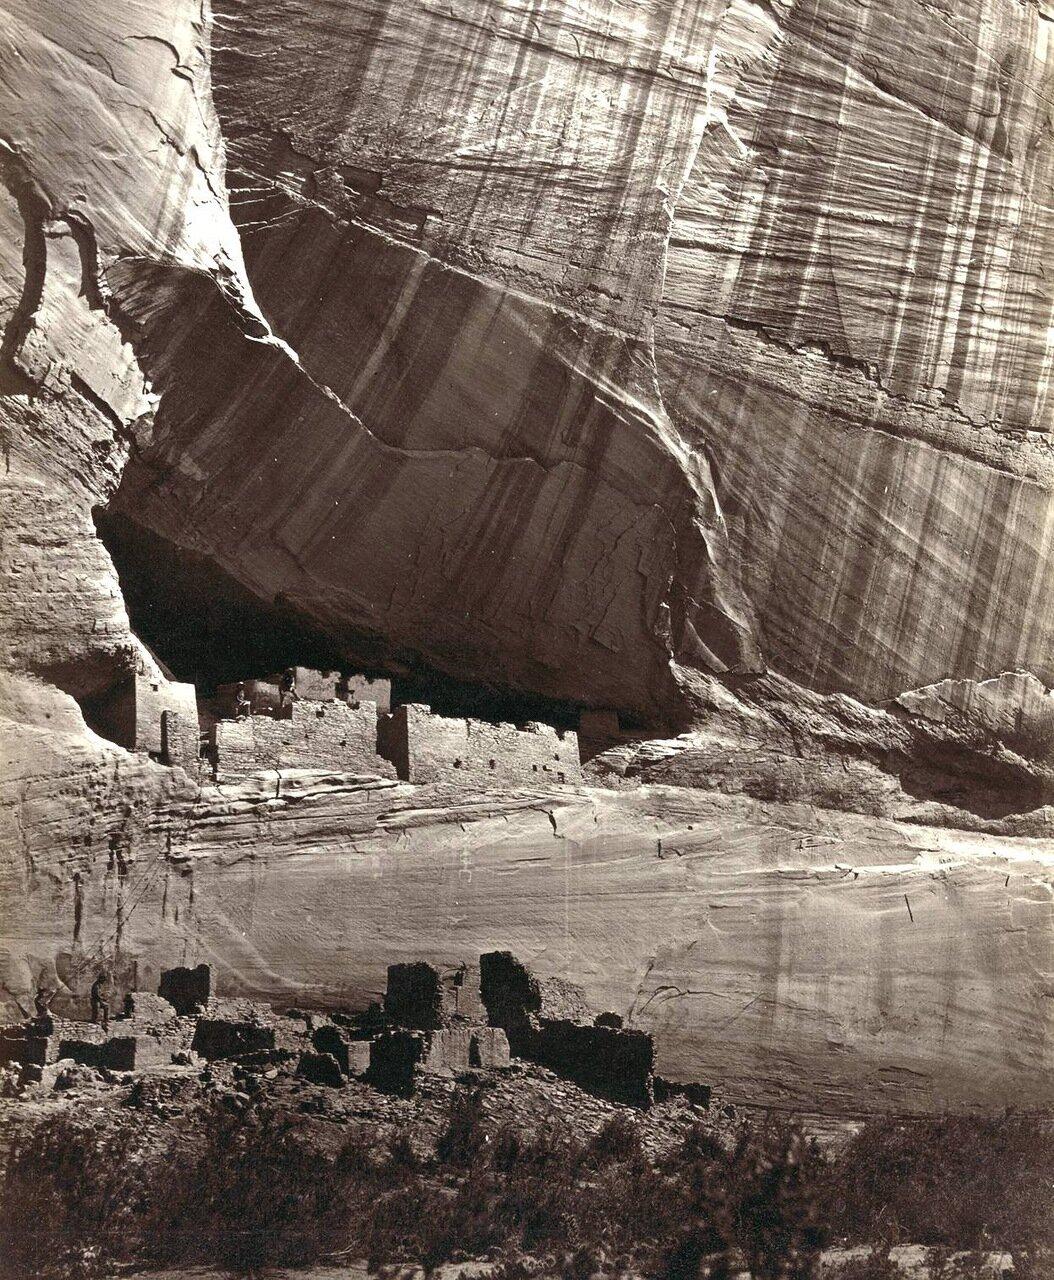 Вид на  развалины Белого дома предков американских индейцев пуэбло в Каньон де Шелли, Аризона, в 1873 году